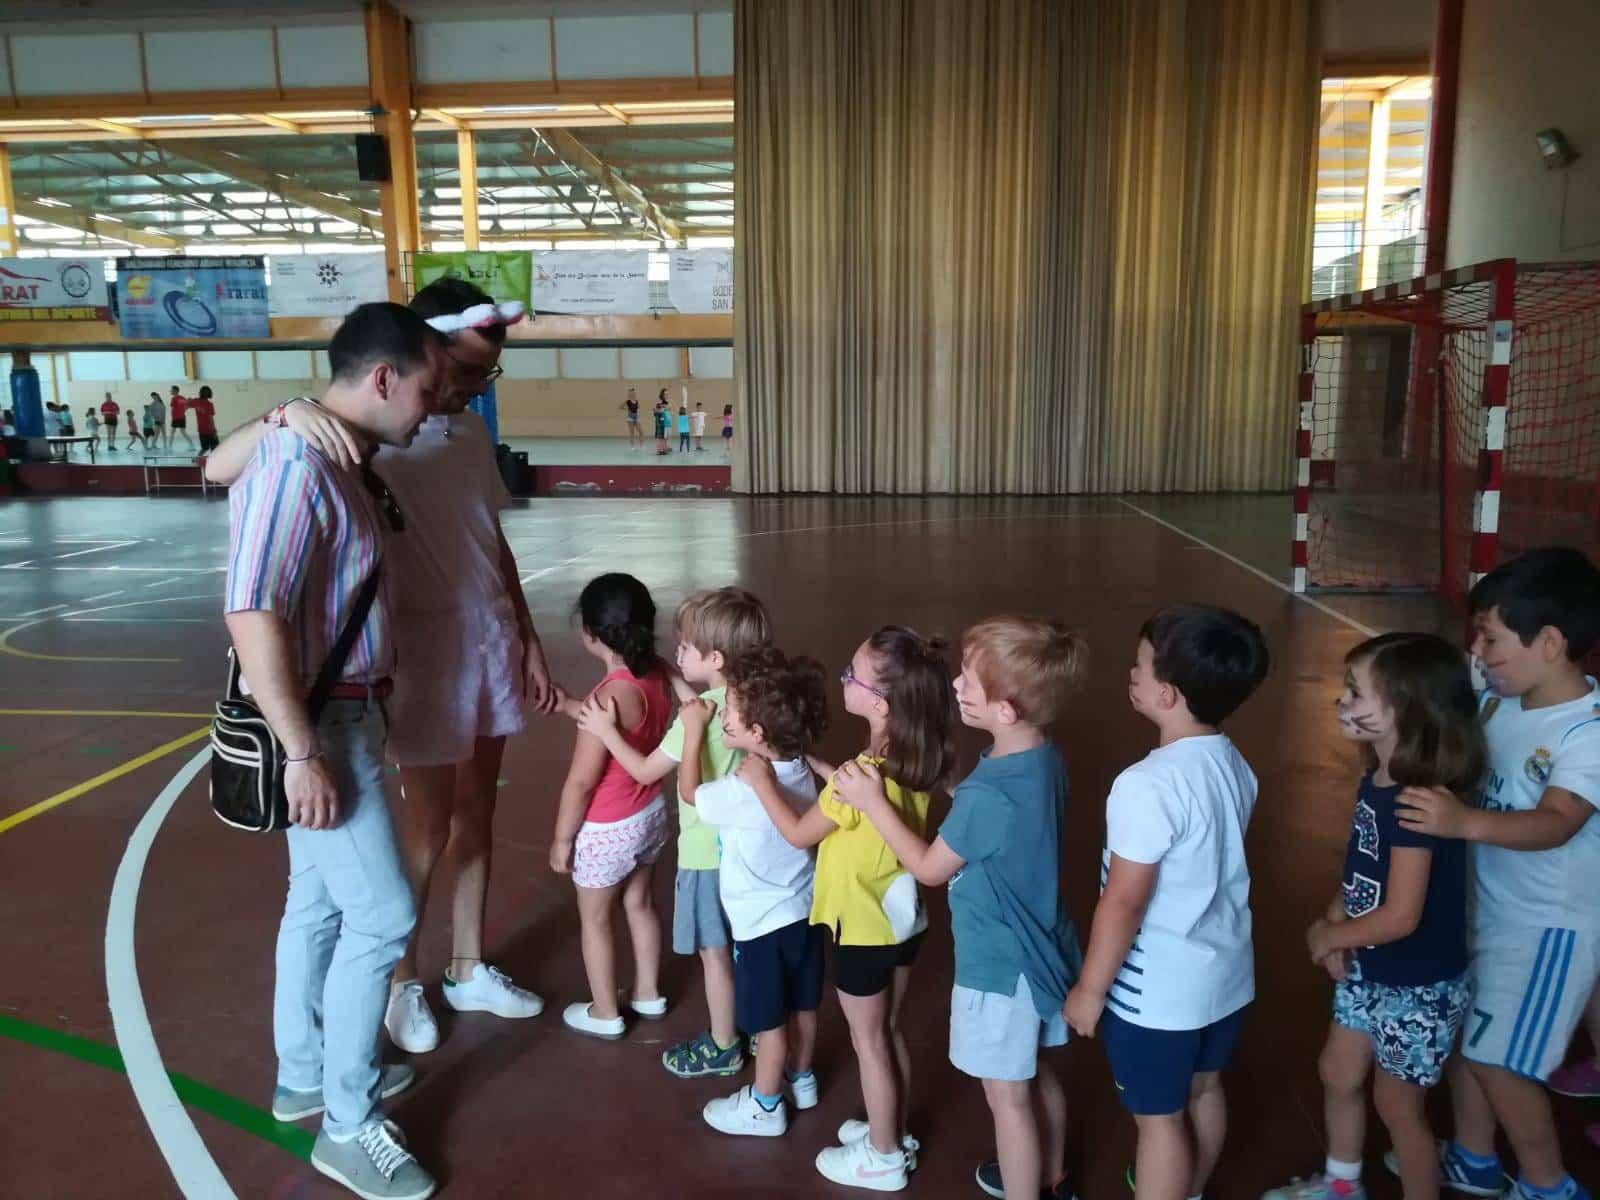 escuela de verano 2018 - Los más pequeños de Herencia comienzan las actividades de la Escuela de Verano